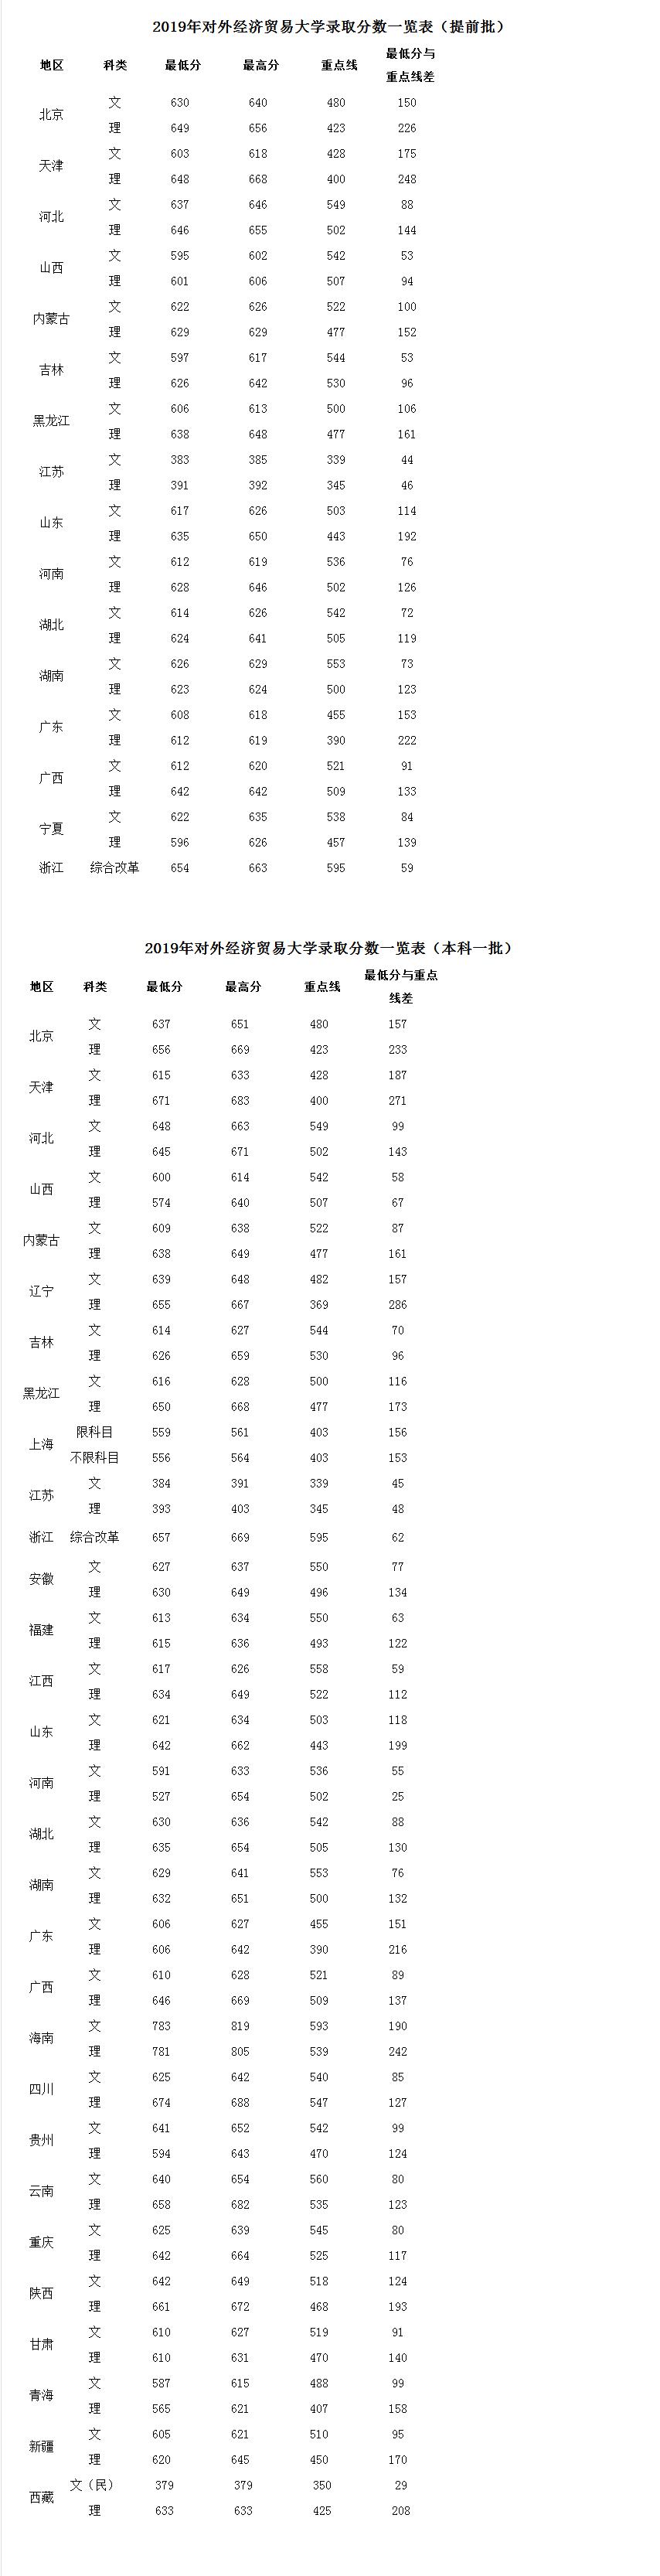 贸大即将迎来2000余名小萌新 生源质量呈四大特点-对外经济贸易大学新闻网.png